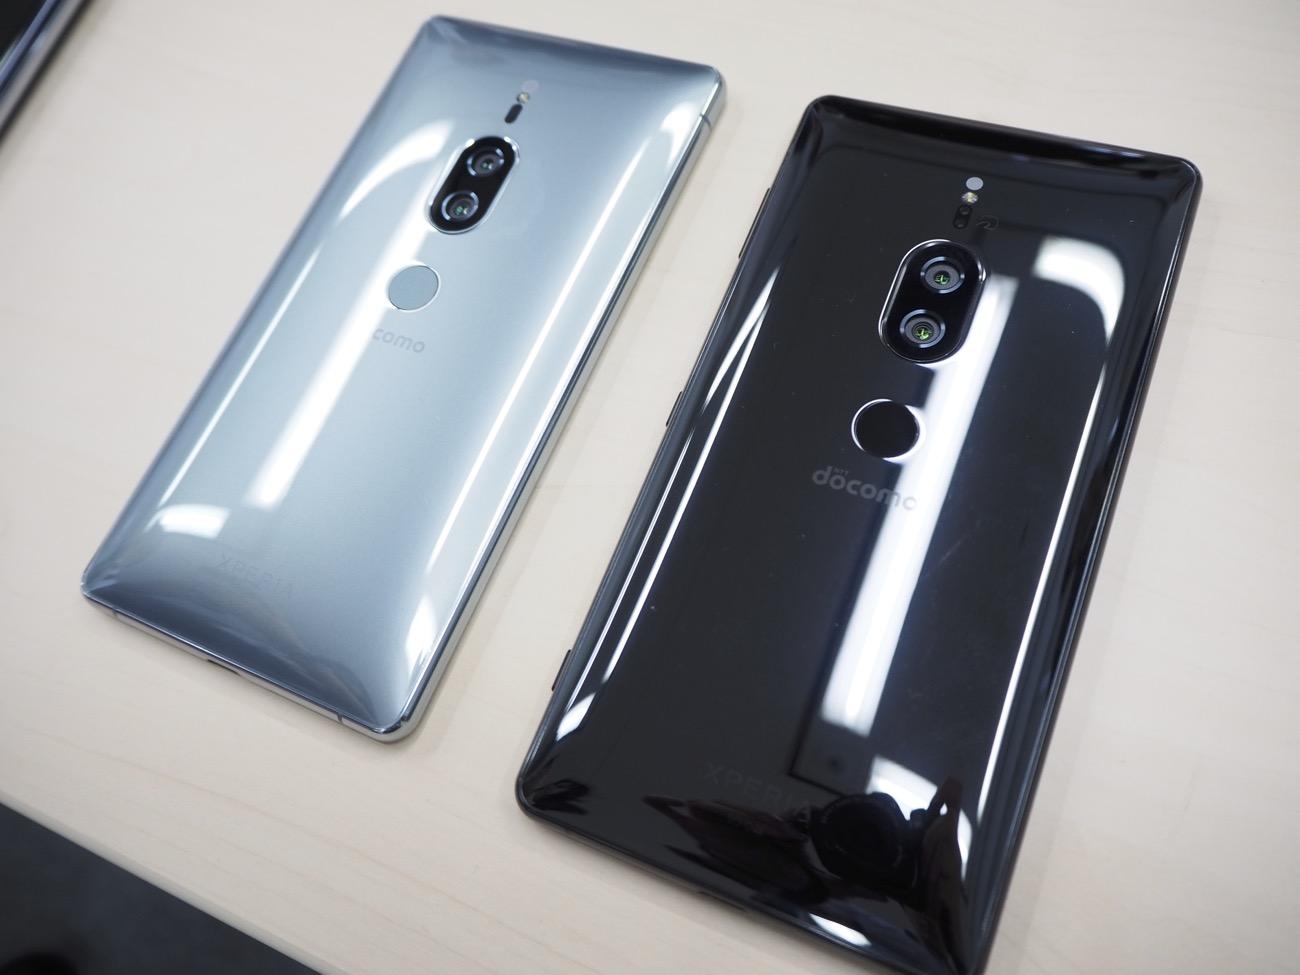 Điện thoại Sony Xperia XZ2 Premium giá bao nhiêu tiền 2